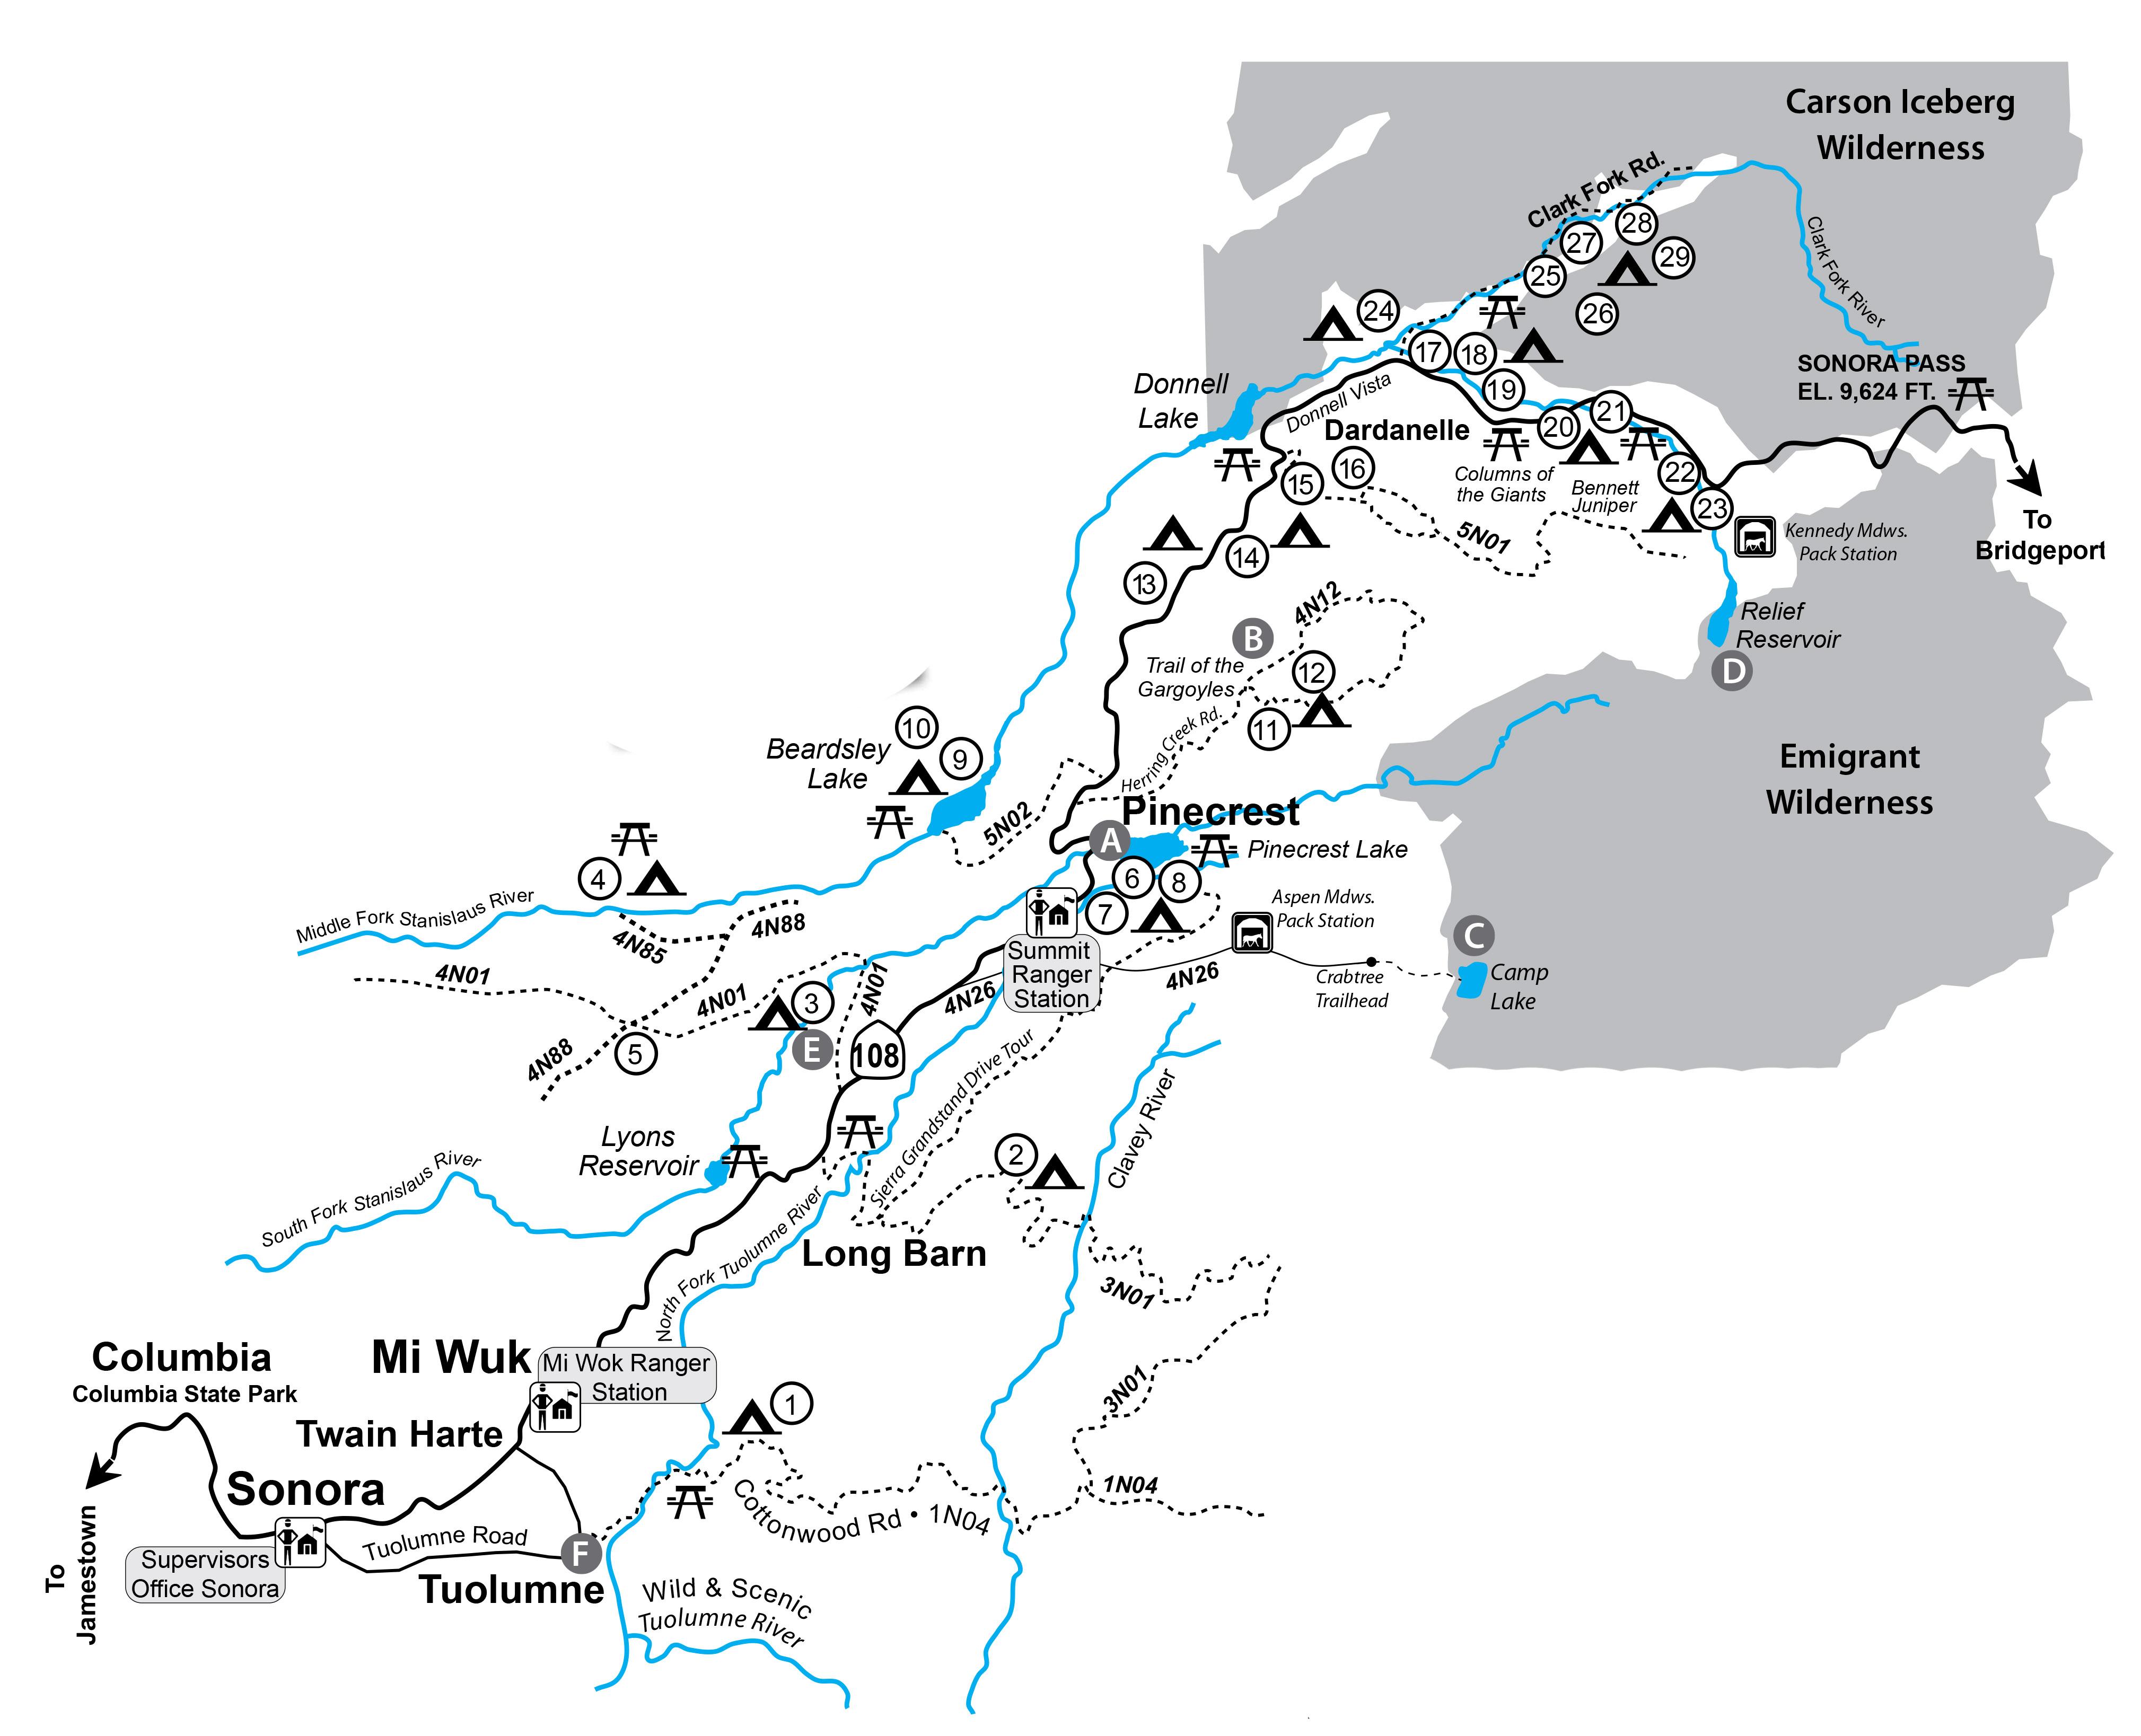 Recarea Google Maps California Campsites In California Map Free - Free Camping California Map